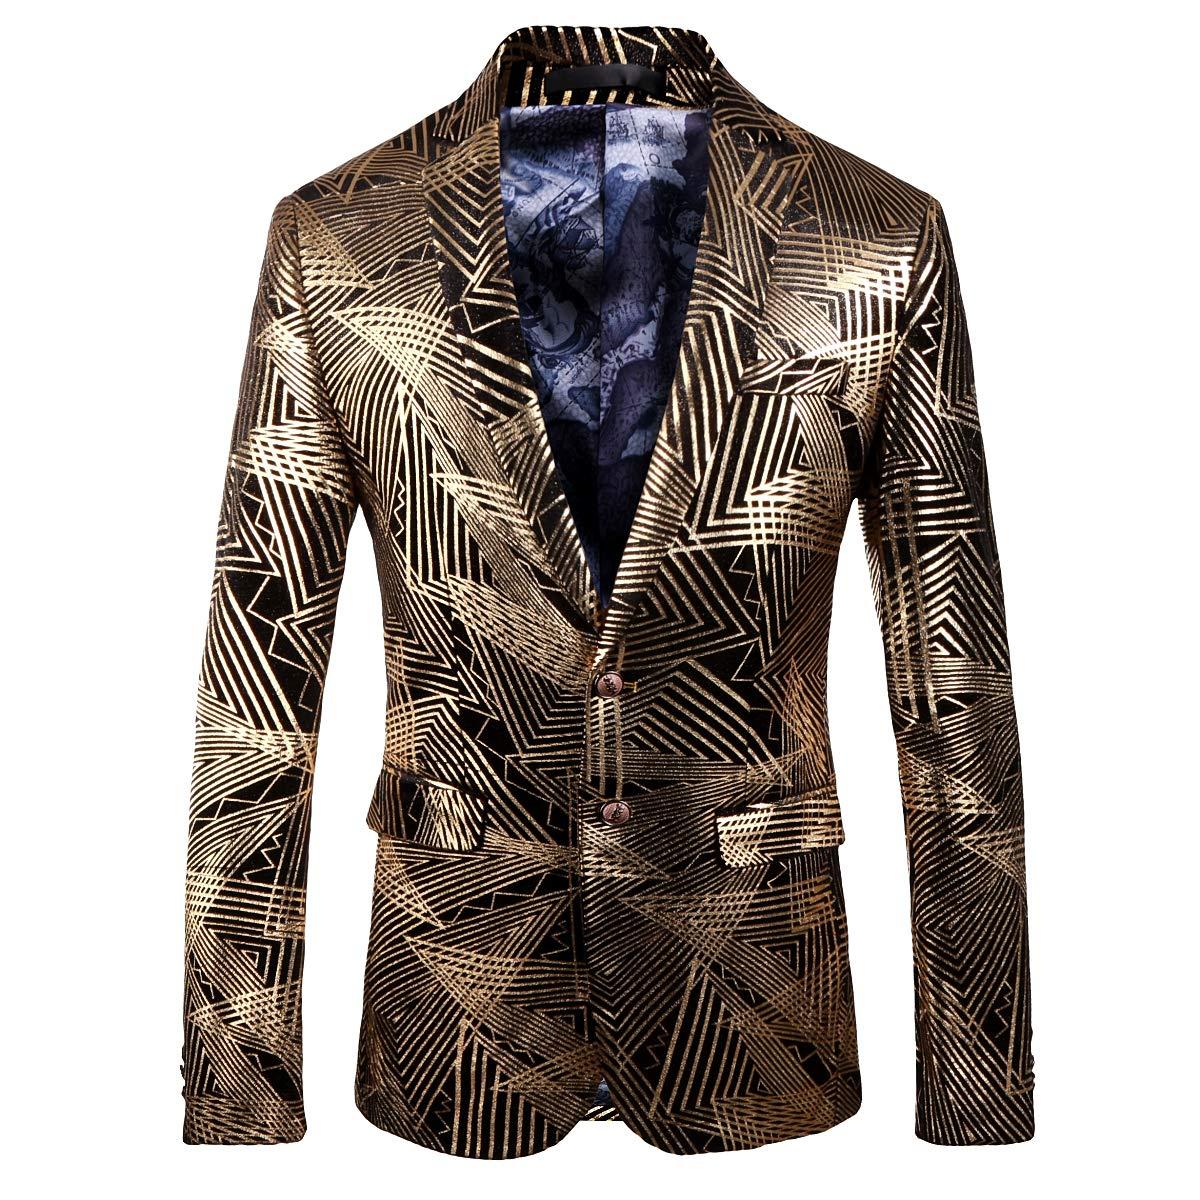 YOUTHUP Blazer Homme Costume Slim Fit Chic Jacquard Floral Voyant avec Deux Boutons /à la Mode Soir/ée Bal Mariage